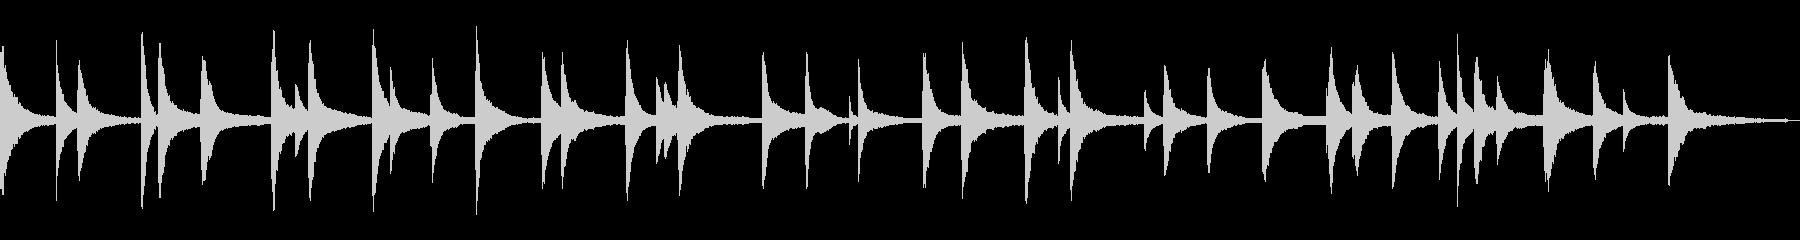 映像・ナレーション用ピアノ演奏(ホーム)の未再生の波形